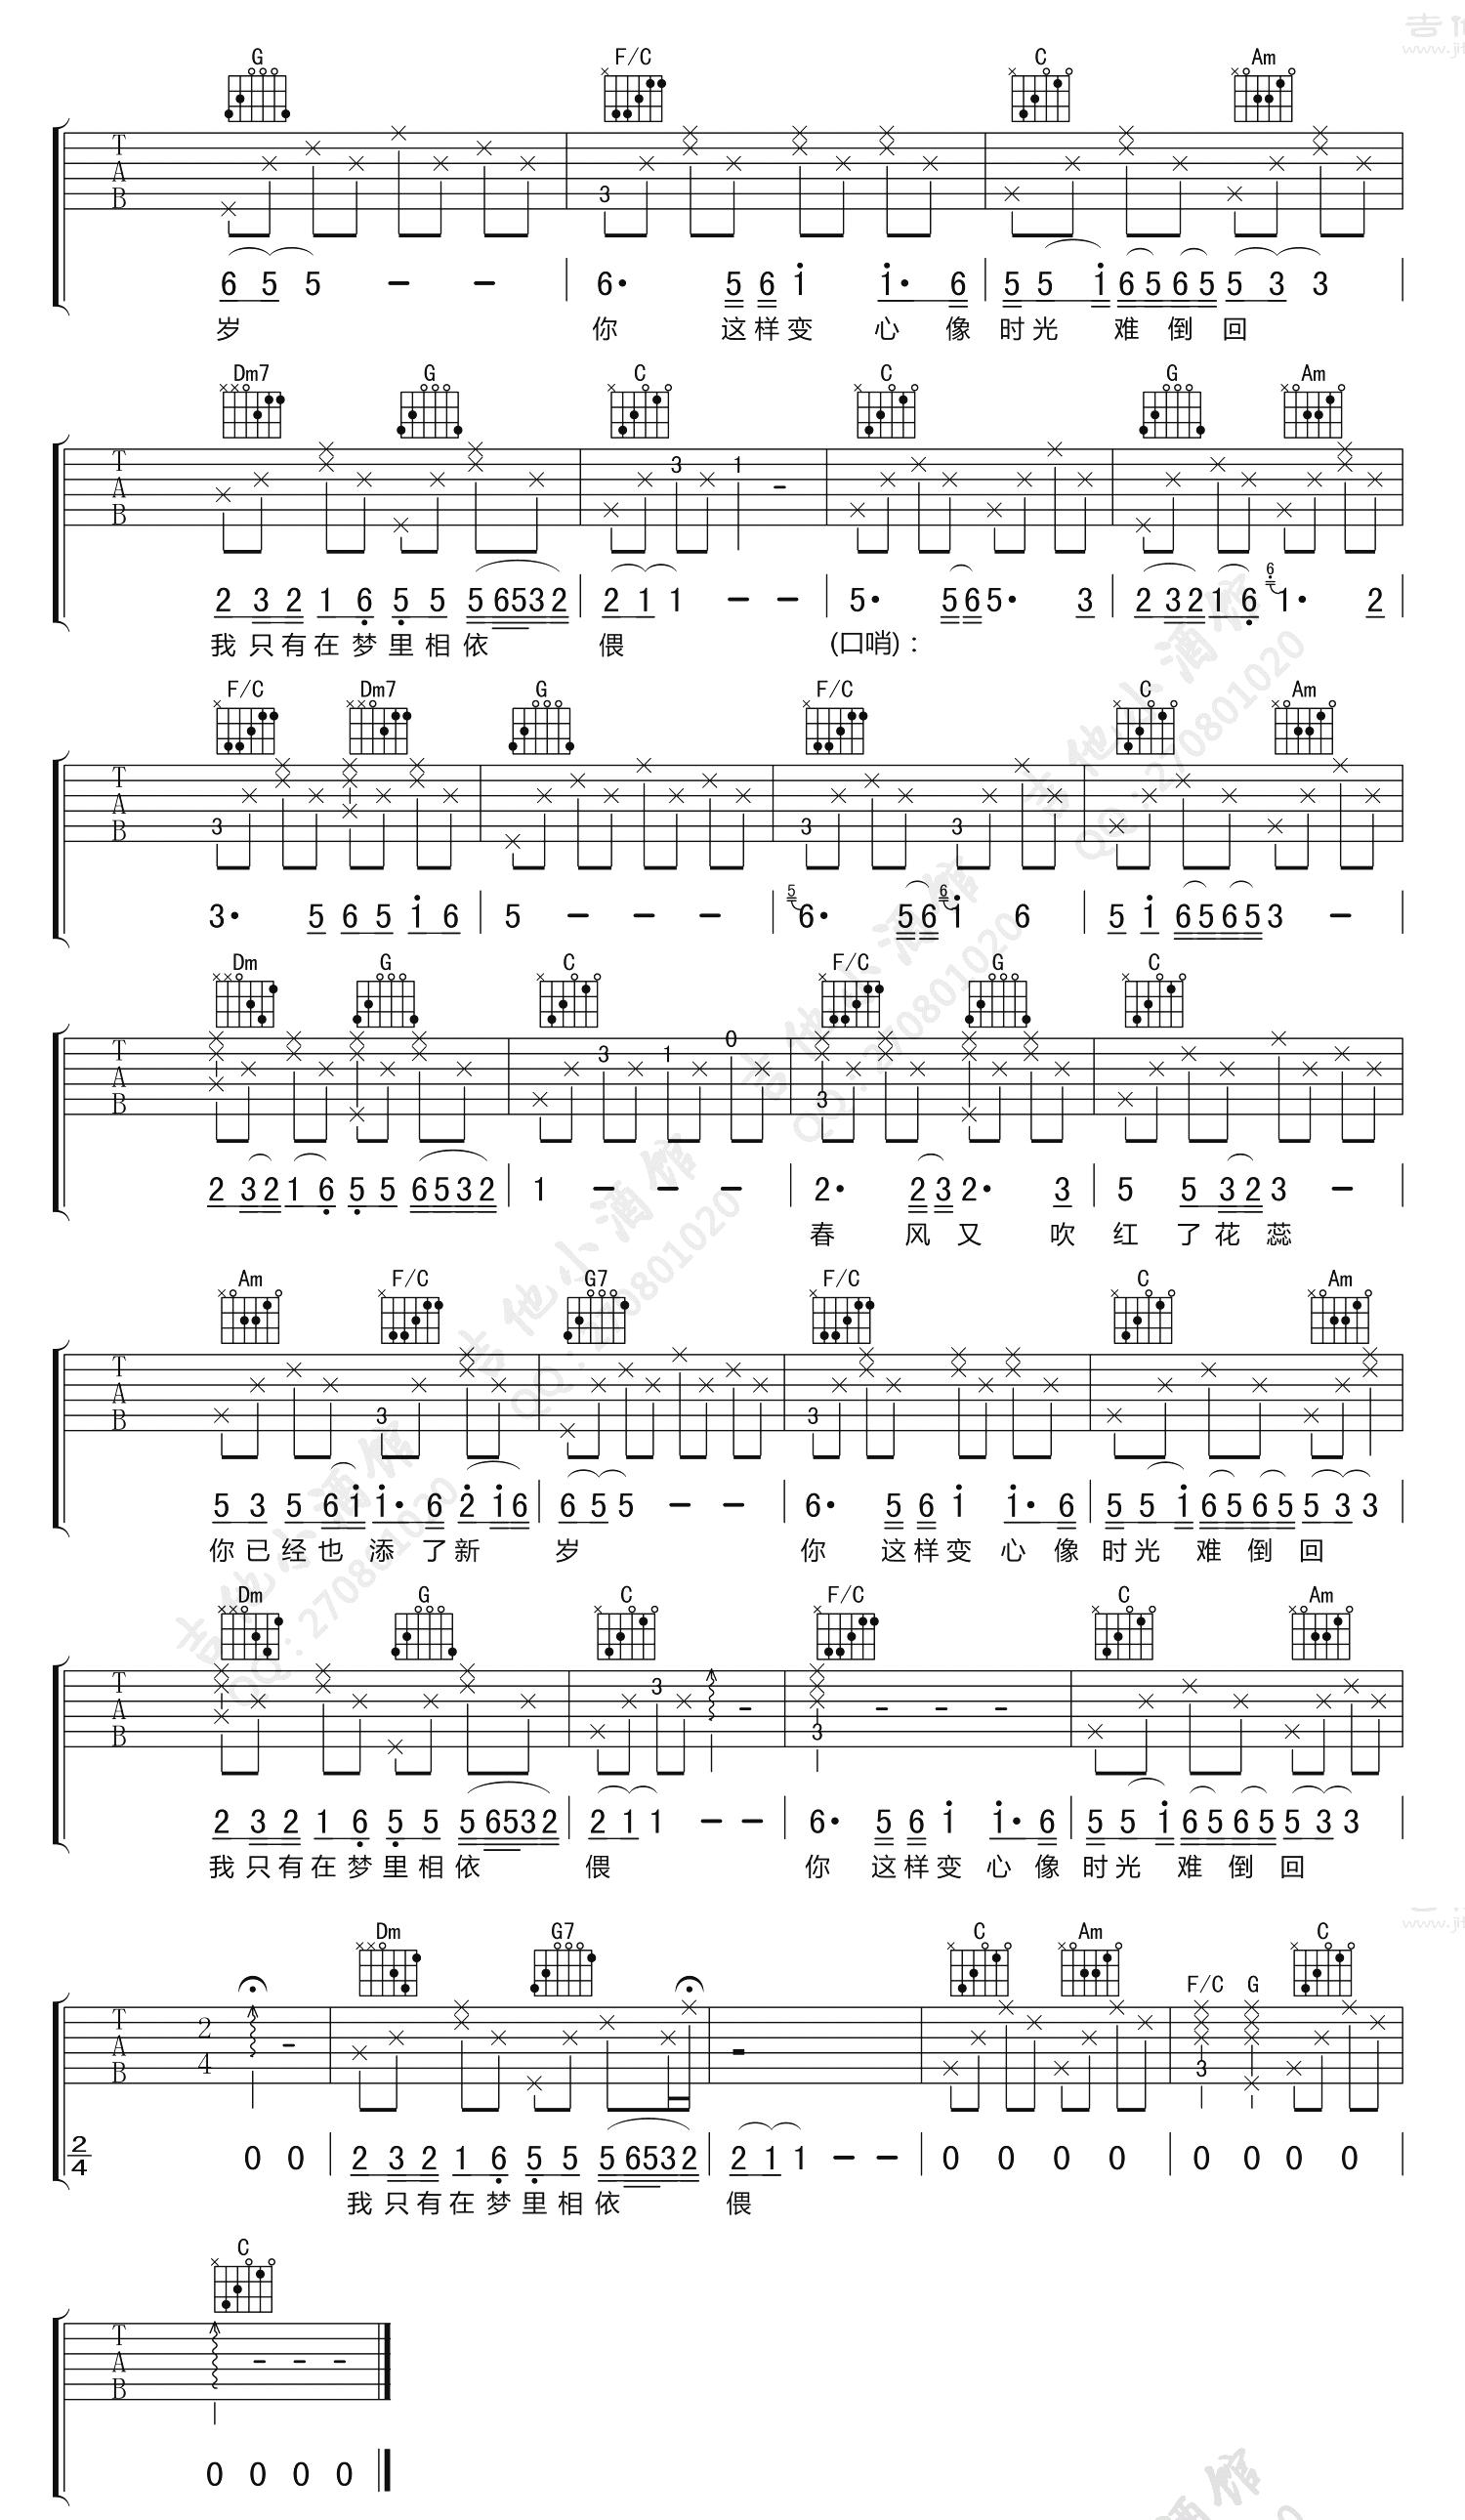 好妹妹乐队-往事只能回味吉他谱-2